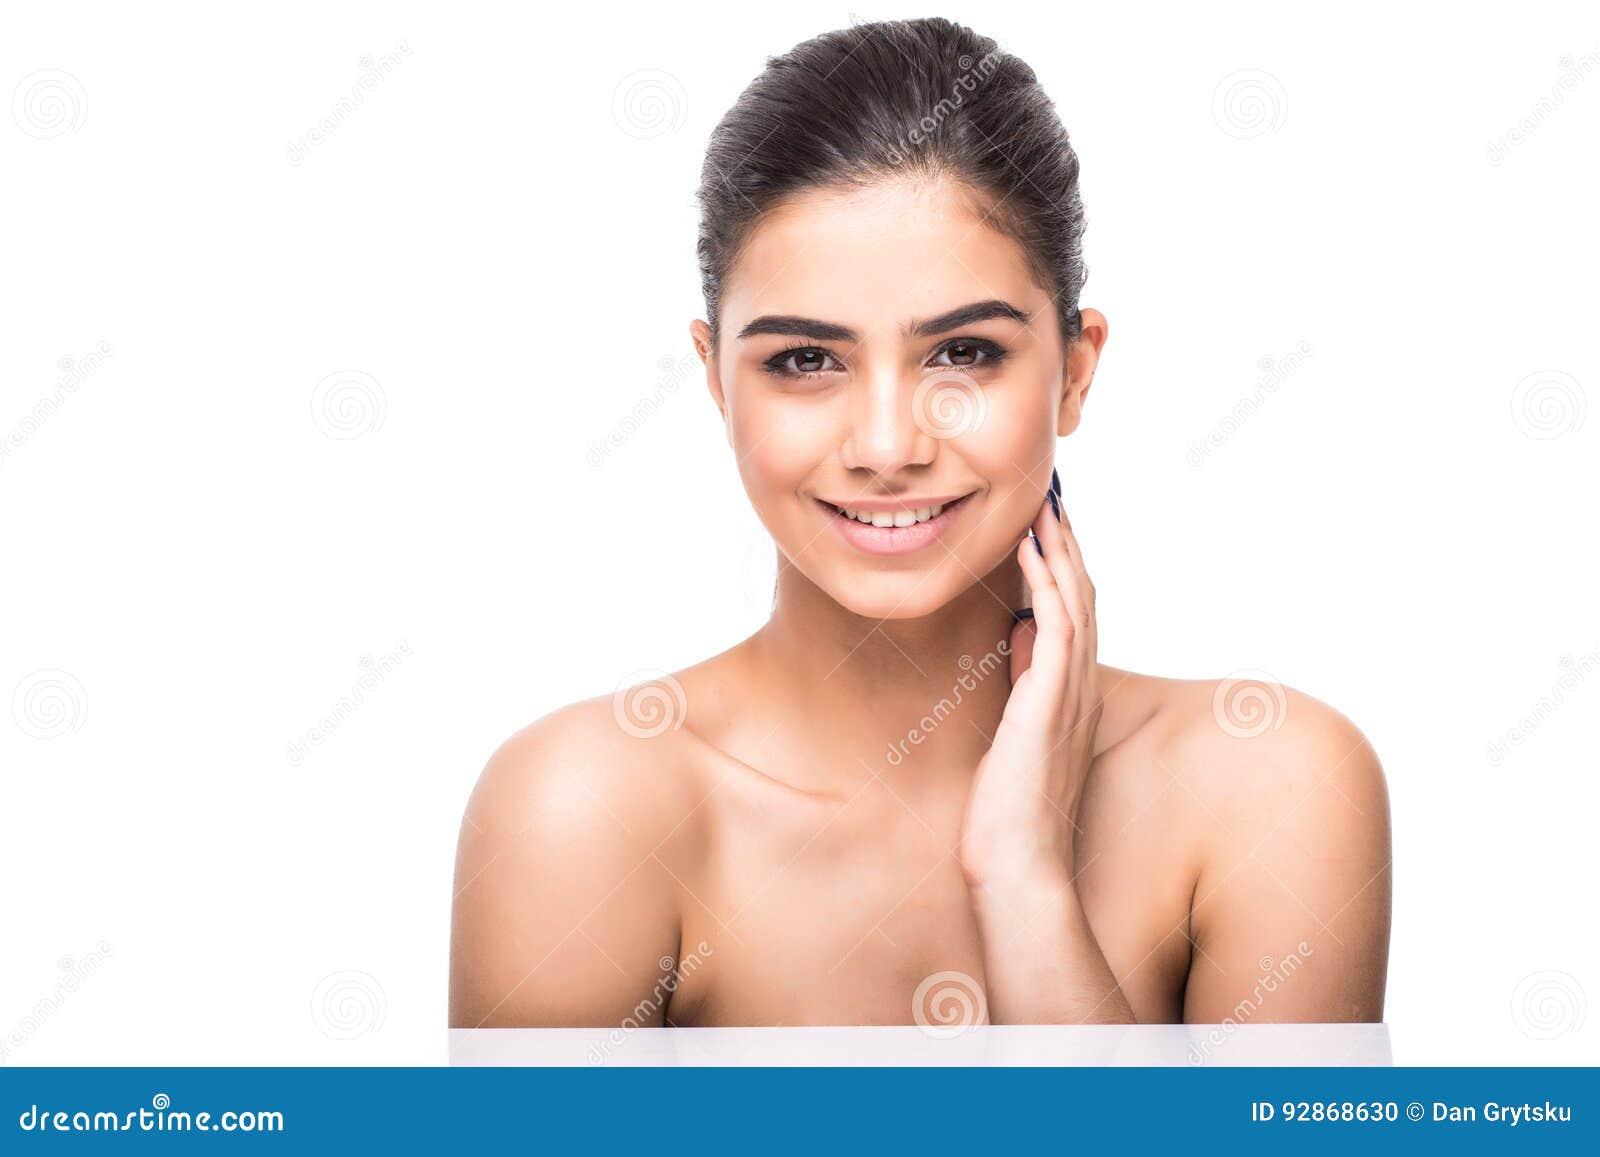 Schoonheidsportret van een glimlachende vrouw die met die verse huid wordt geïsoleerd camera bekijken op een witte achtergrond